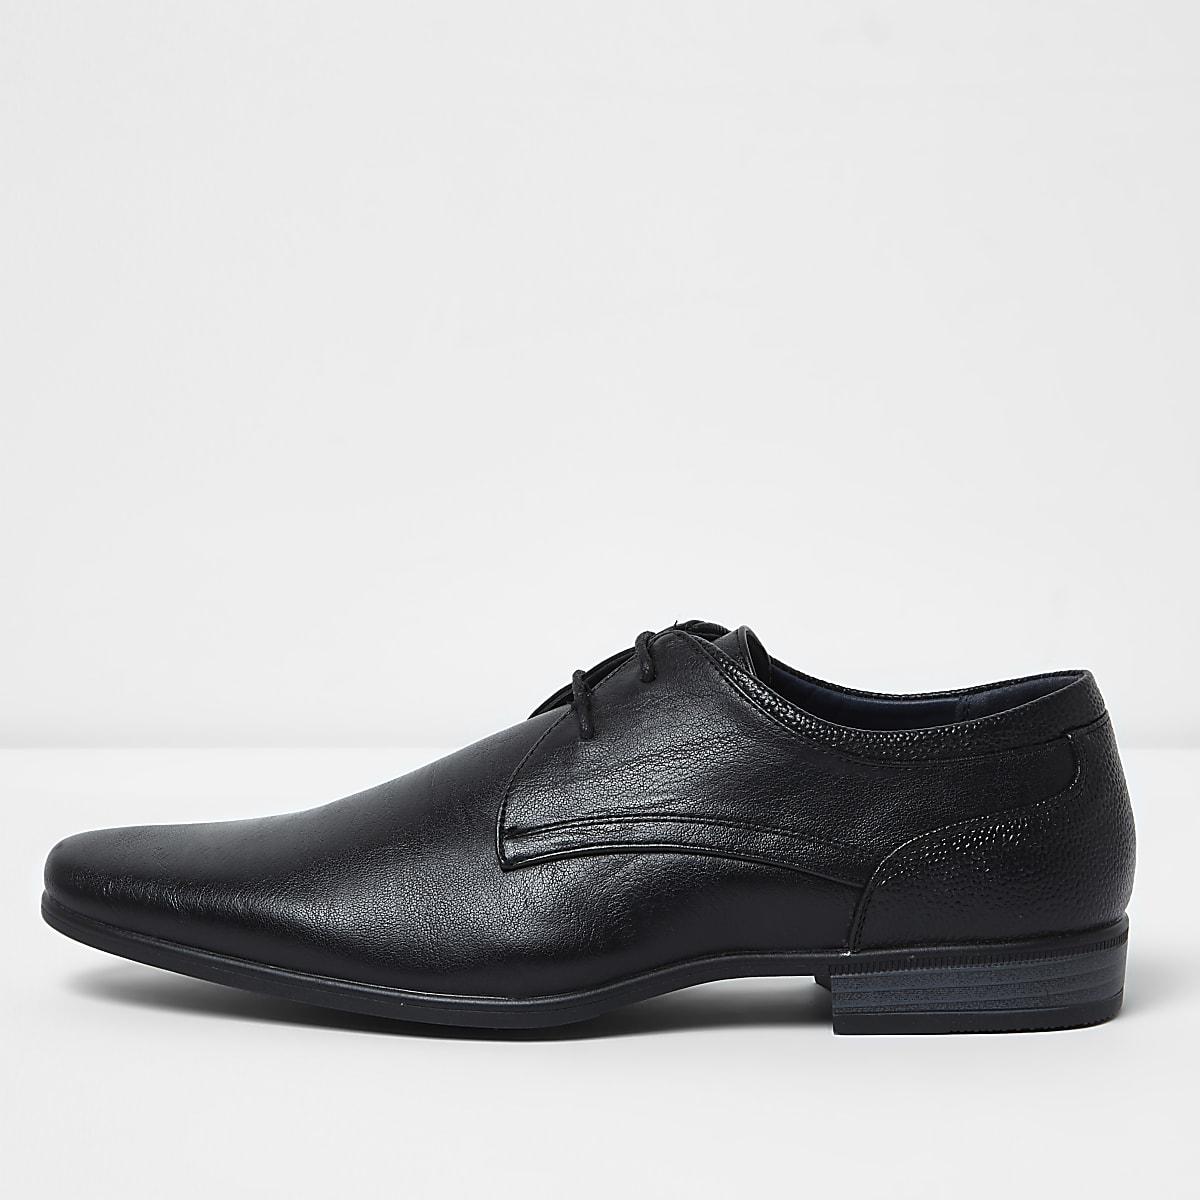 Chaussures larges pointues noires habillées à lacets